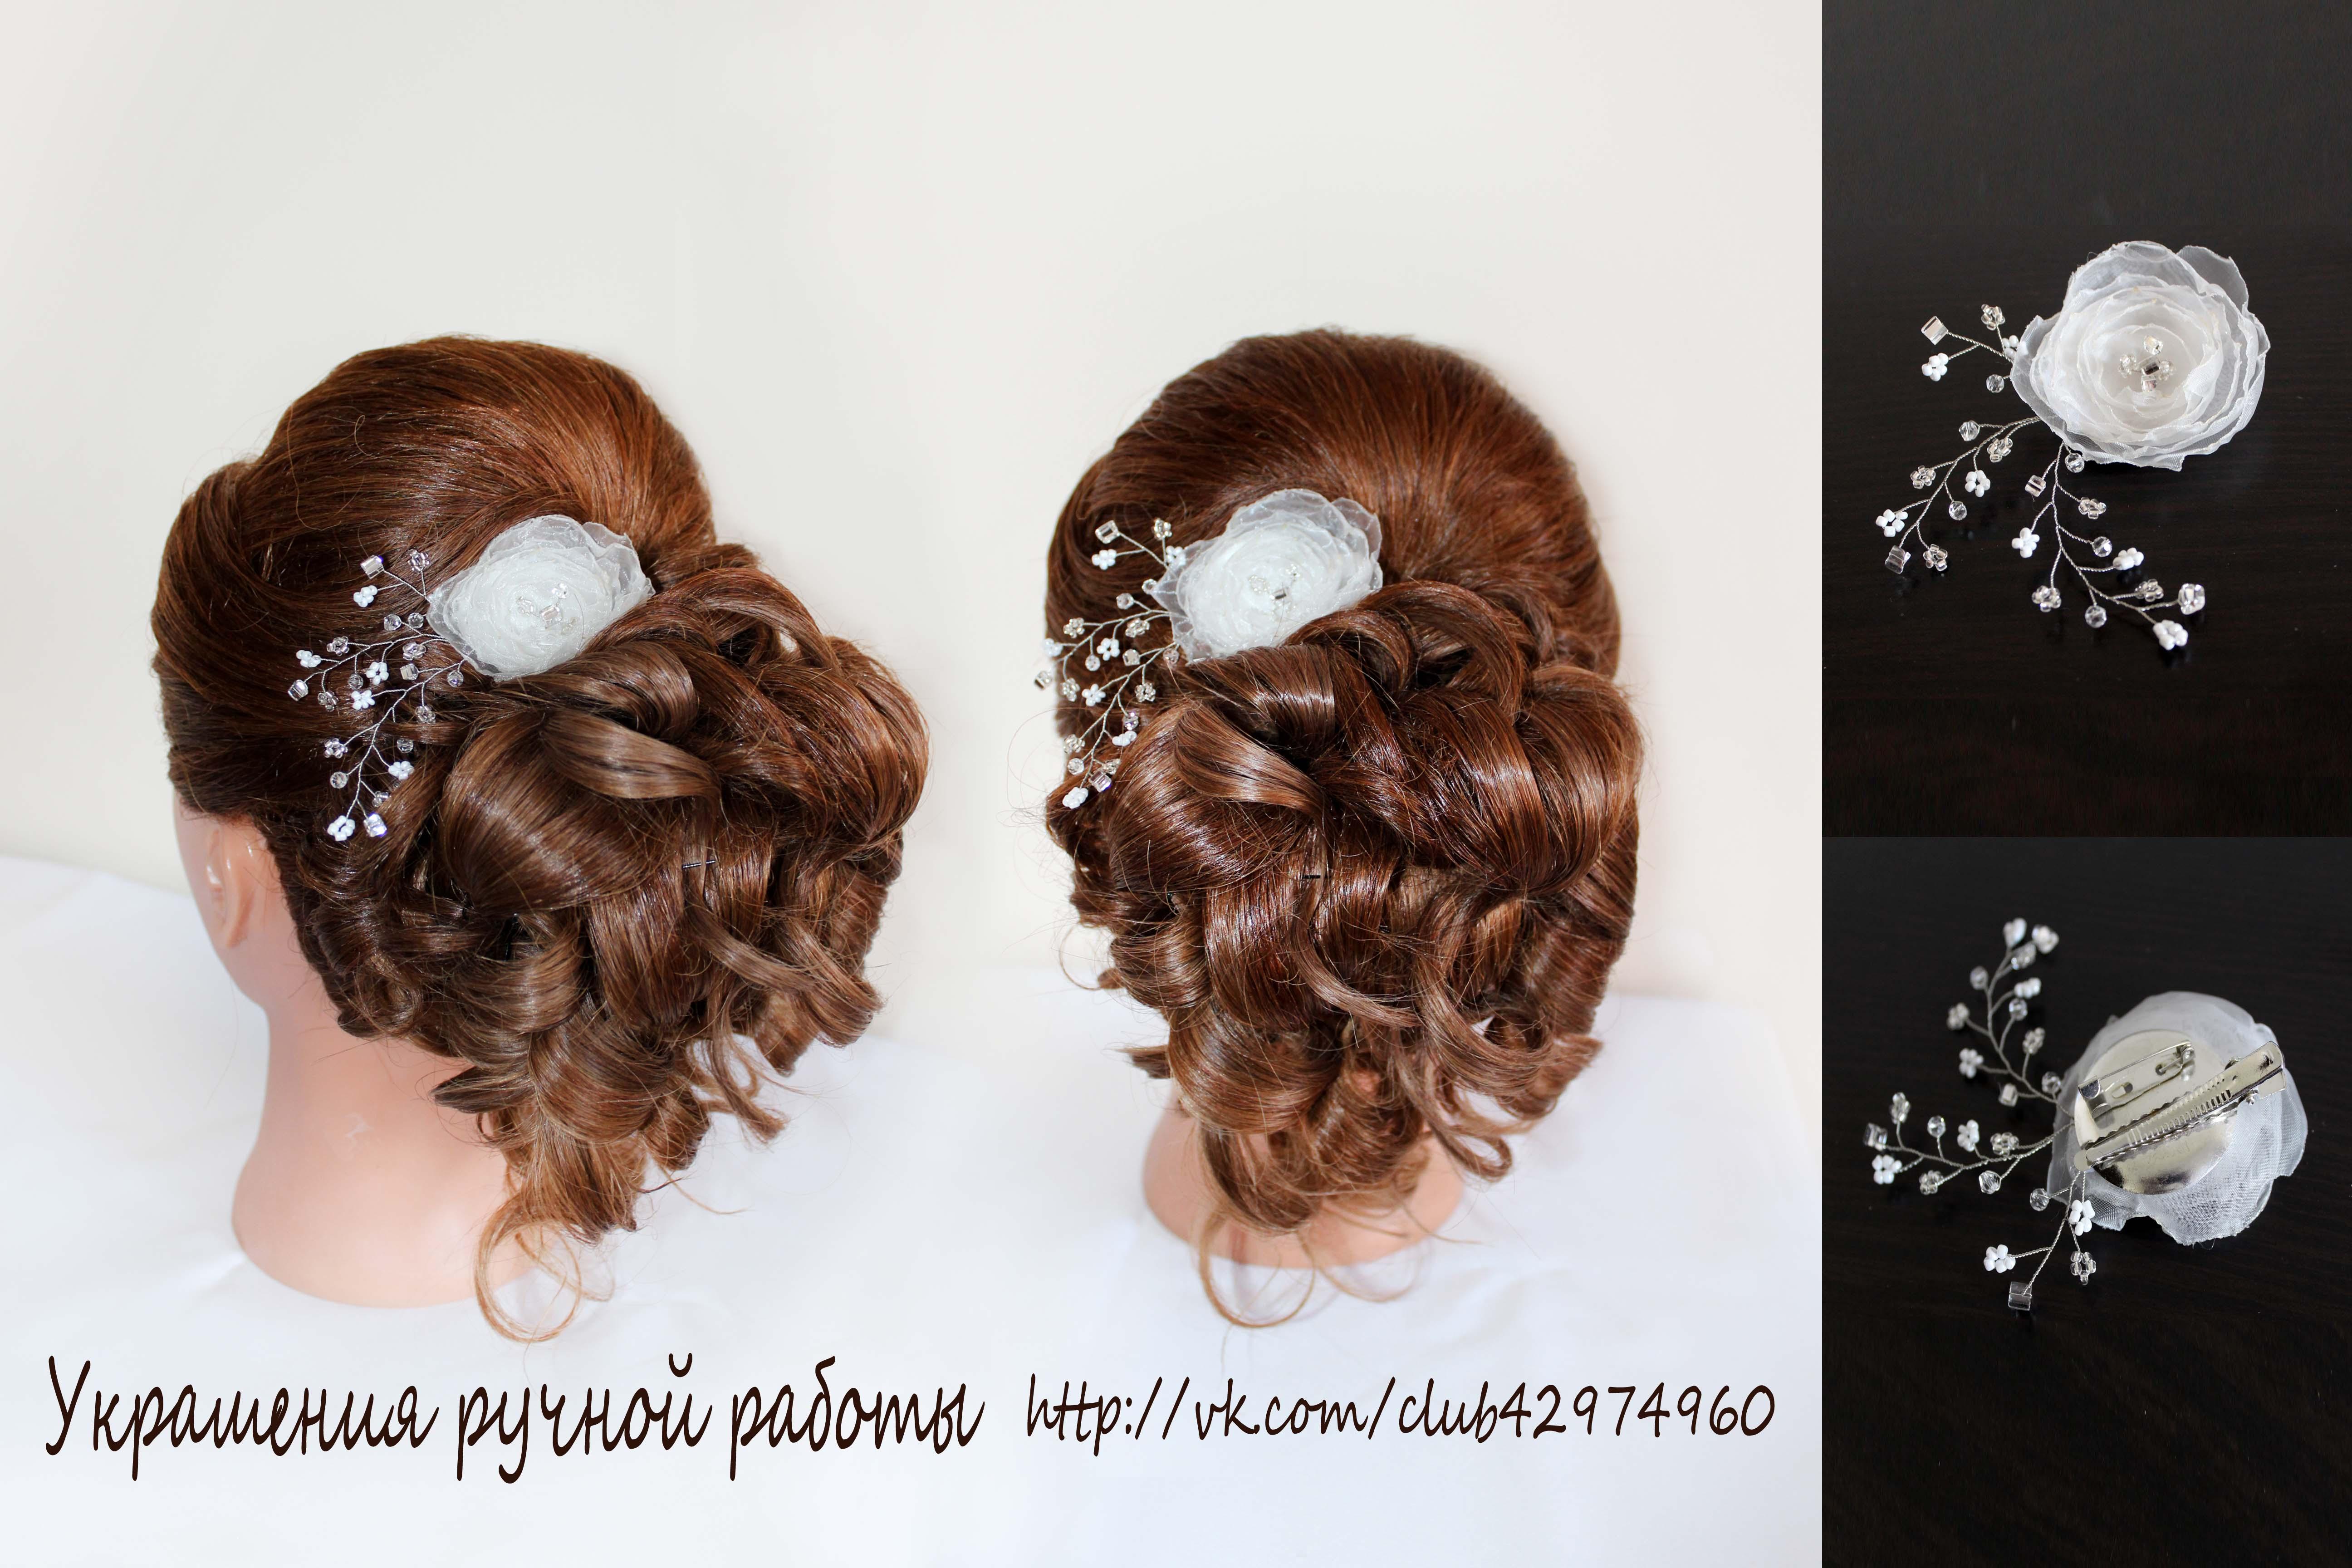 Свадебное украшение для волос своими руками из бисера